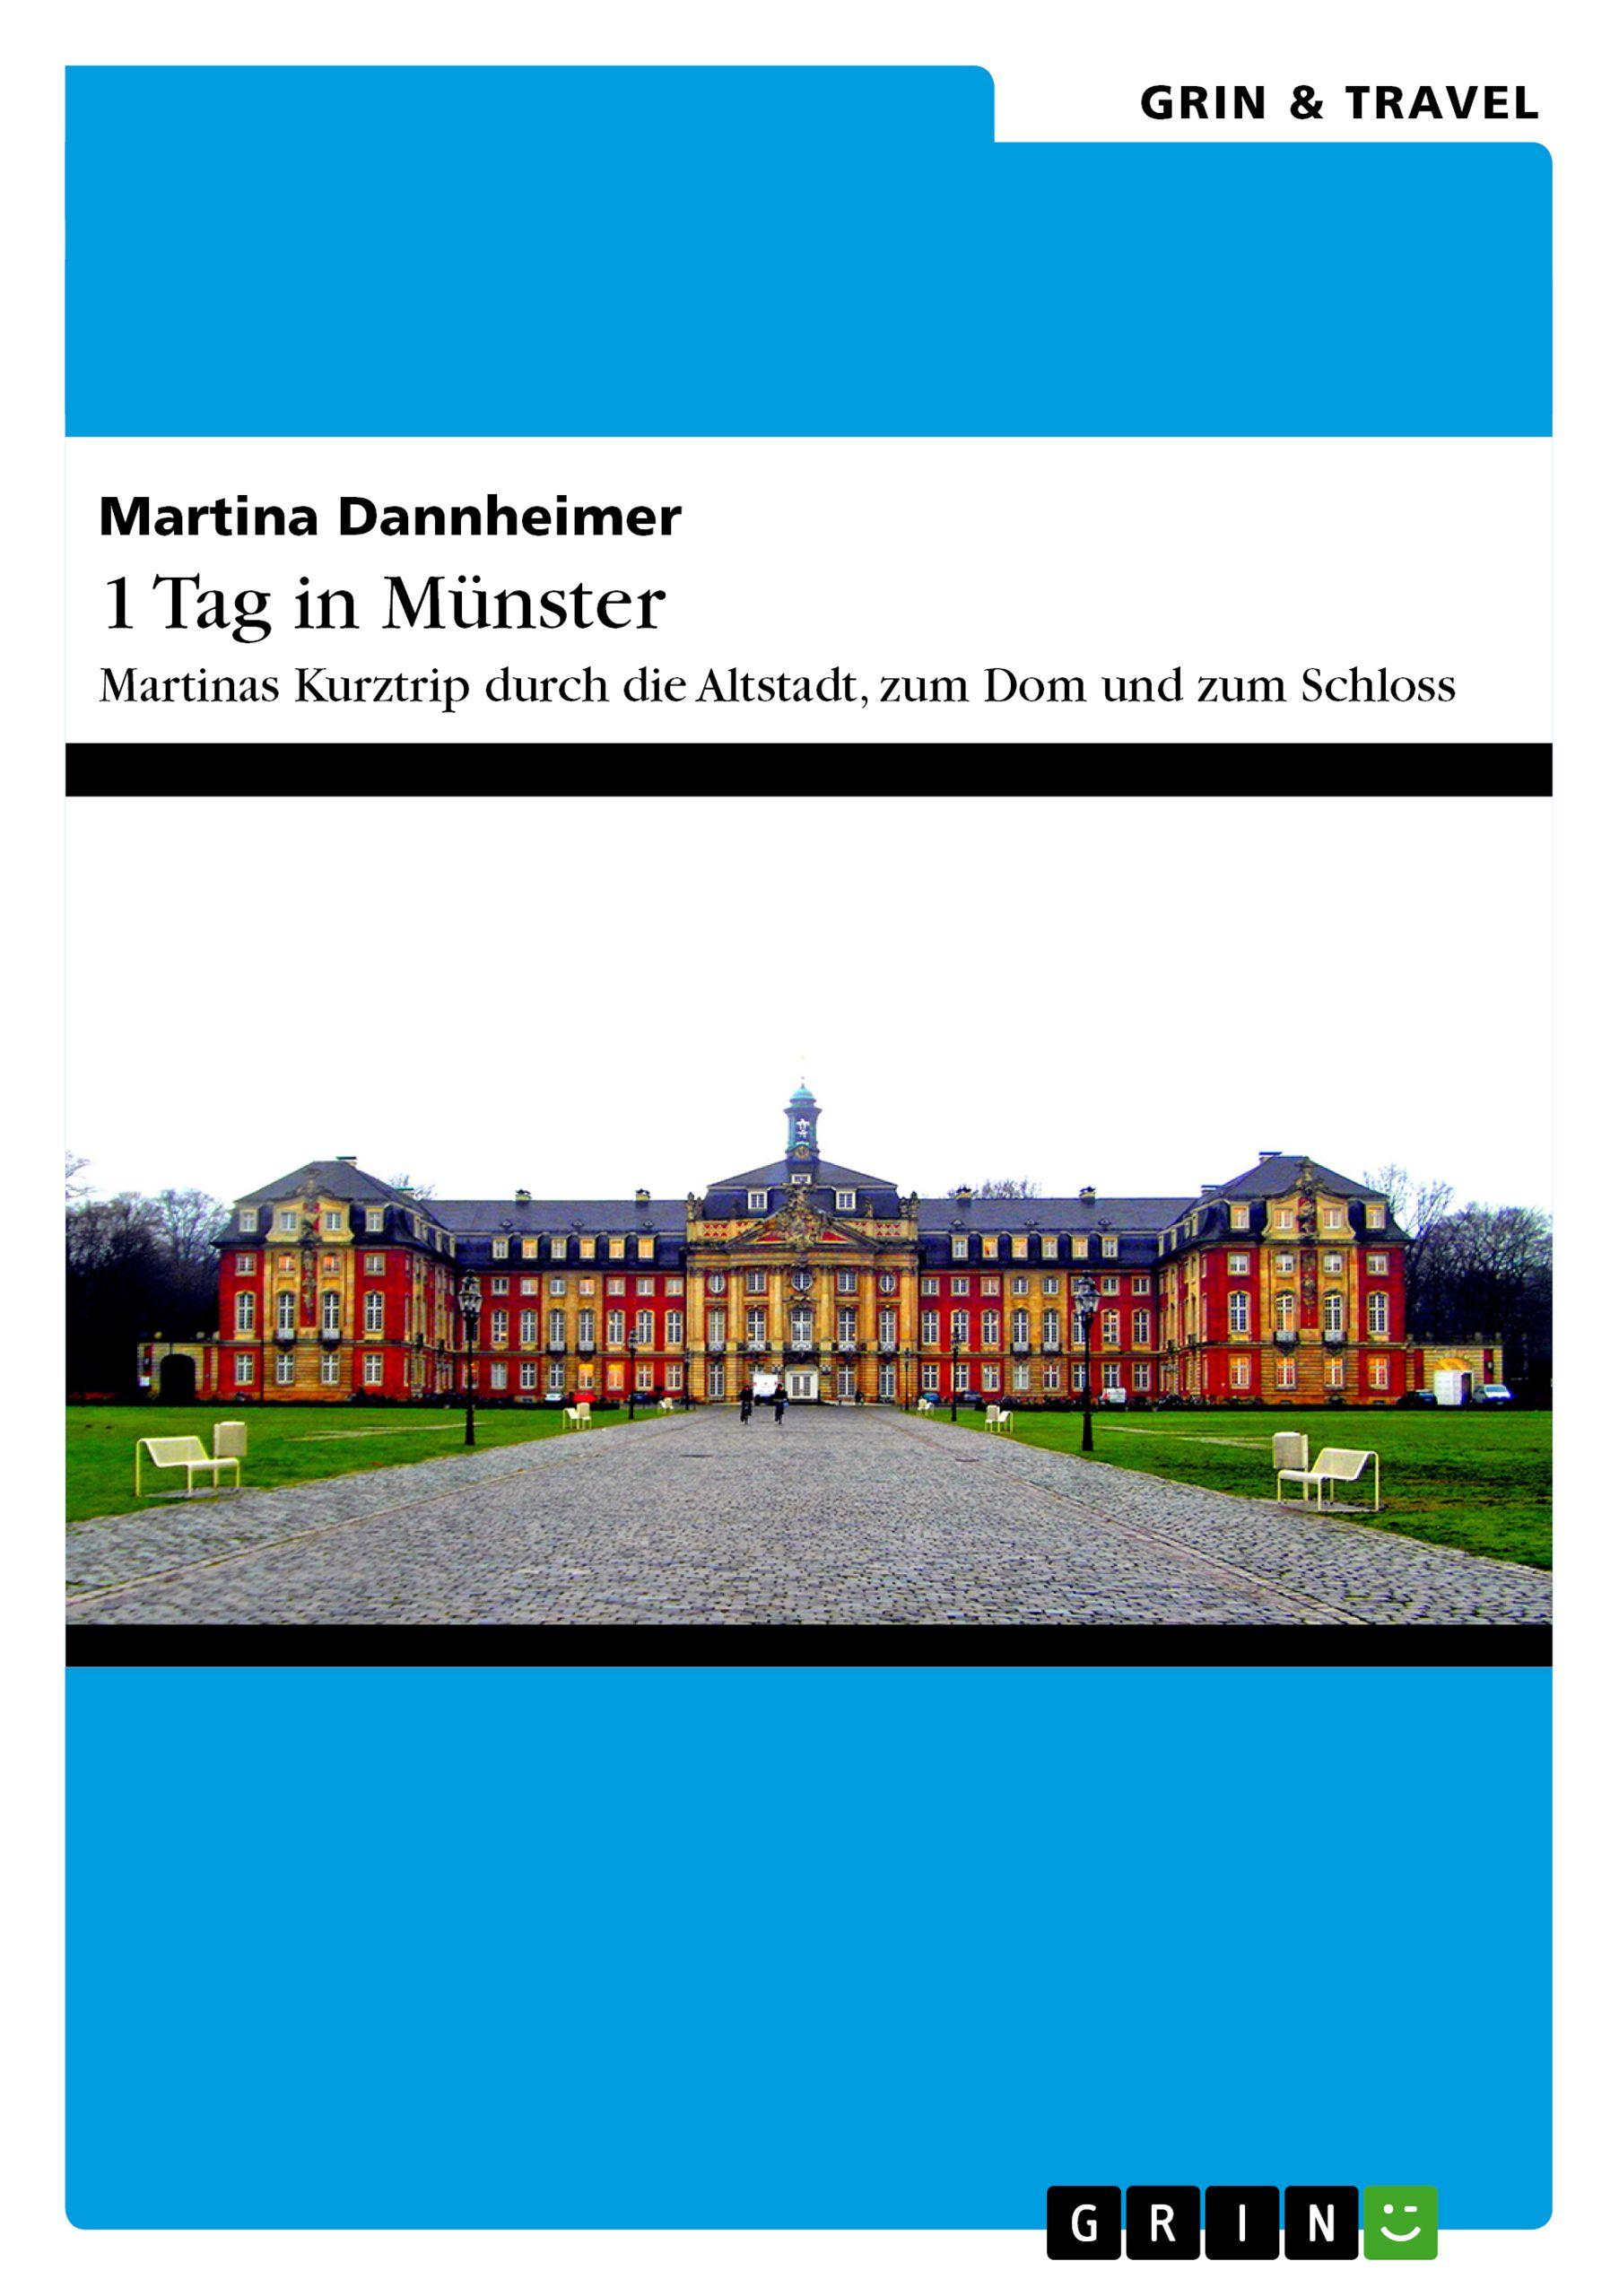 1 Tag in Münster – Martinas Kurztrip durch die Altstadt, zum Dom und zum Schloss. GRIN: http://grin.to/Bku2X Amazon: http://grin.to/HzLHz